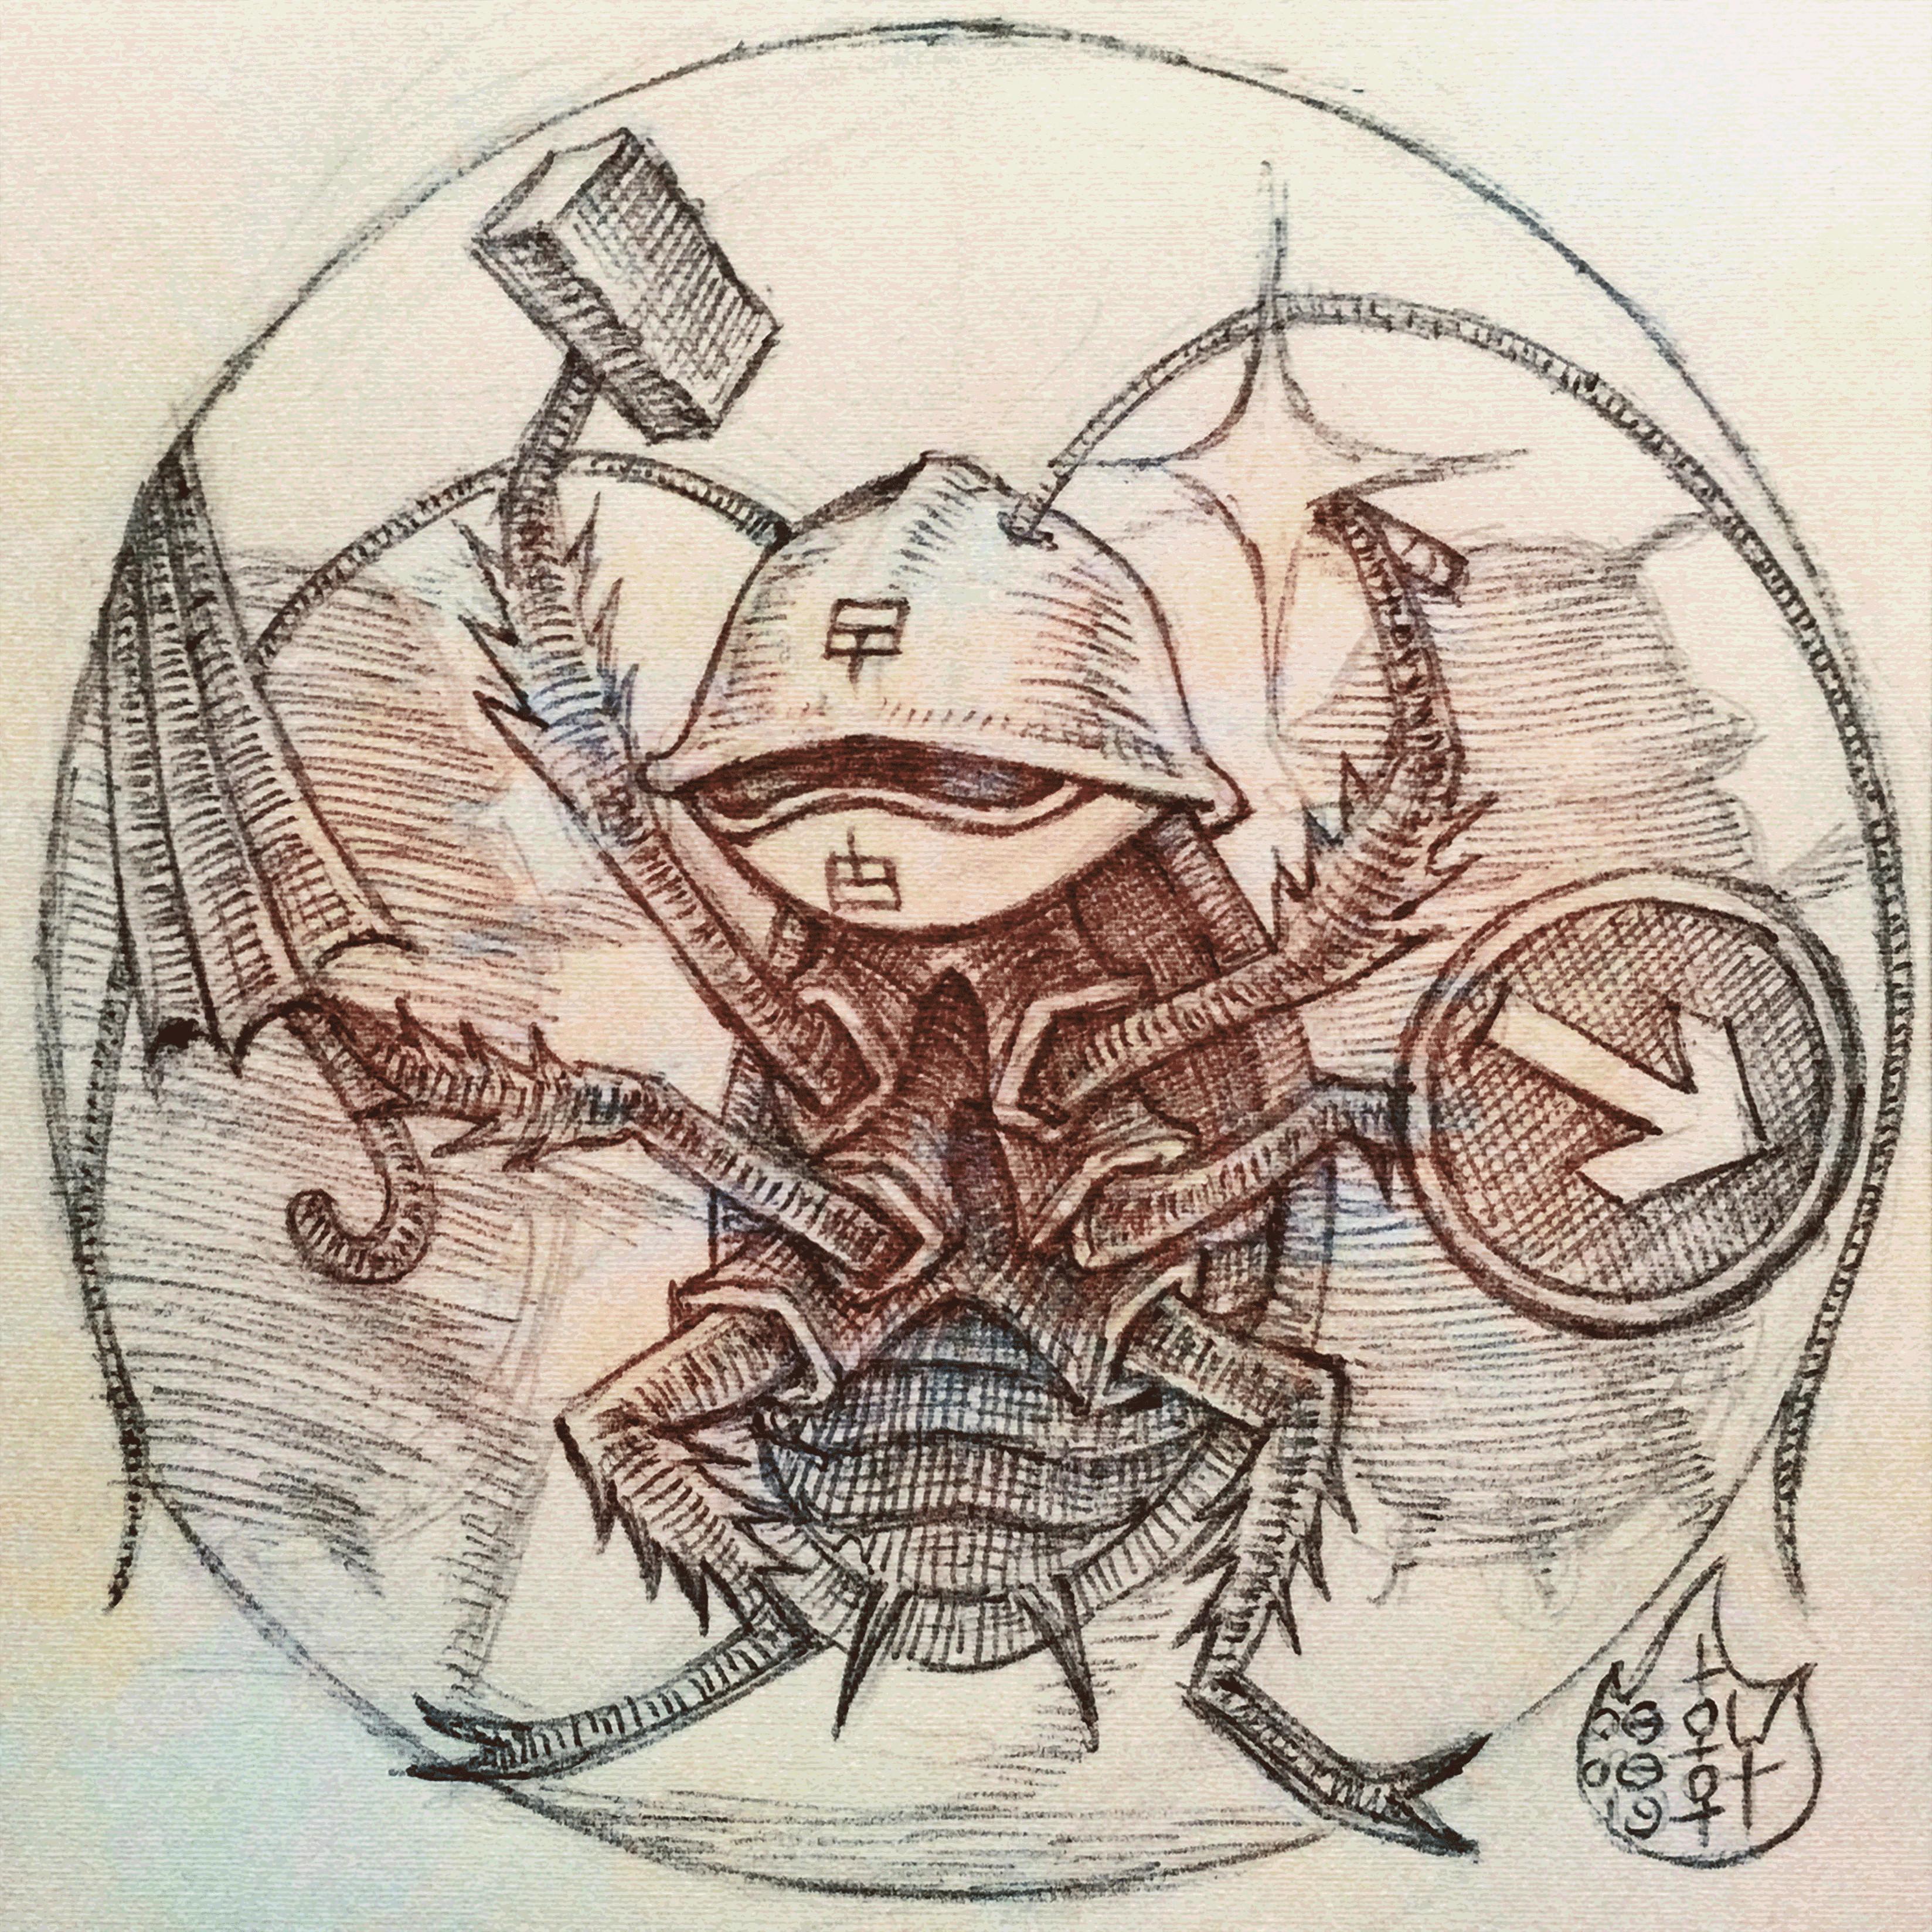 MMORPG Roach Warriors - Sketch